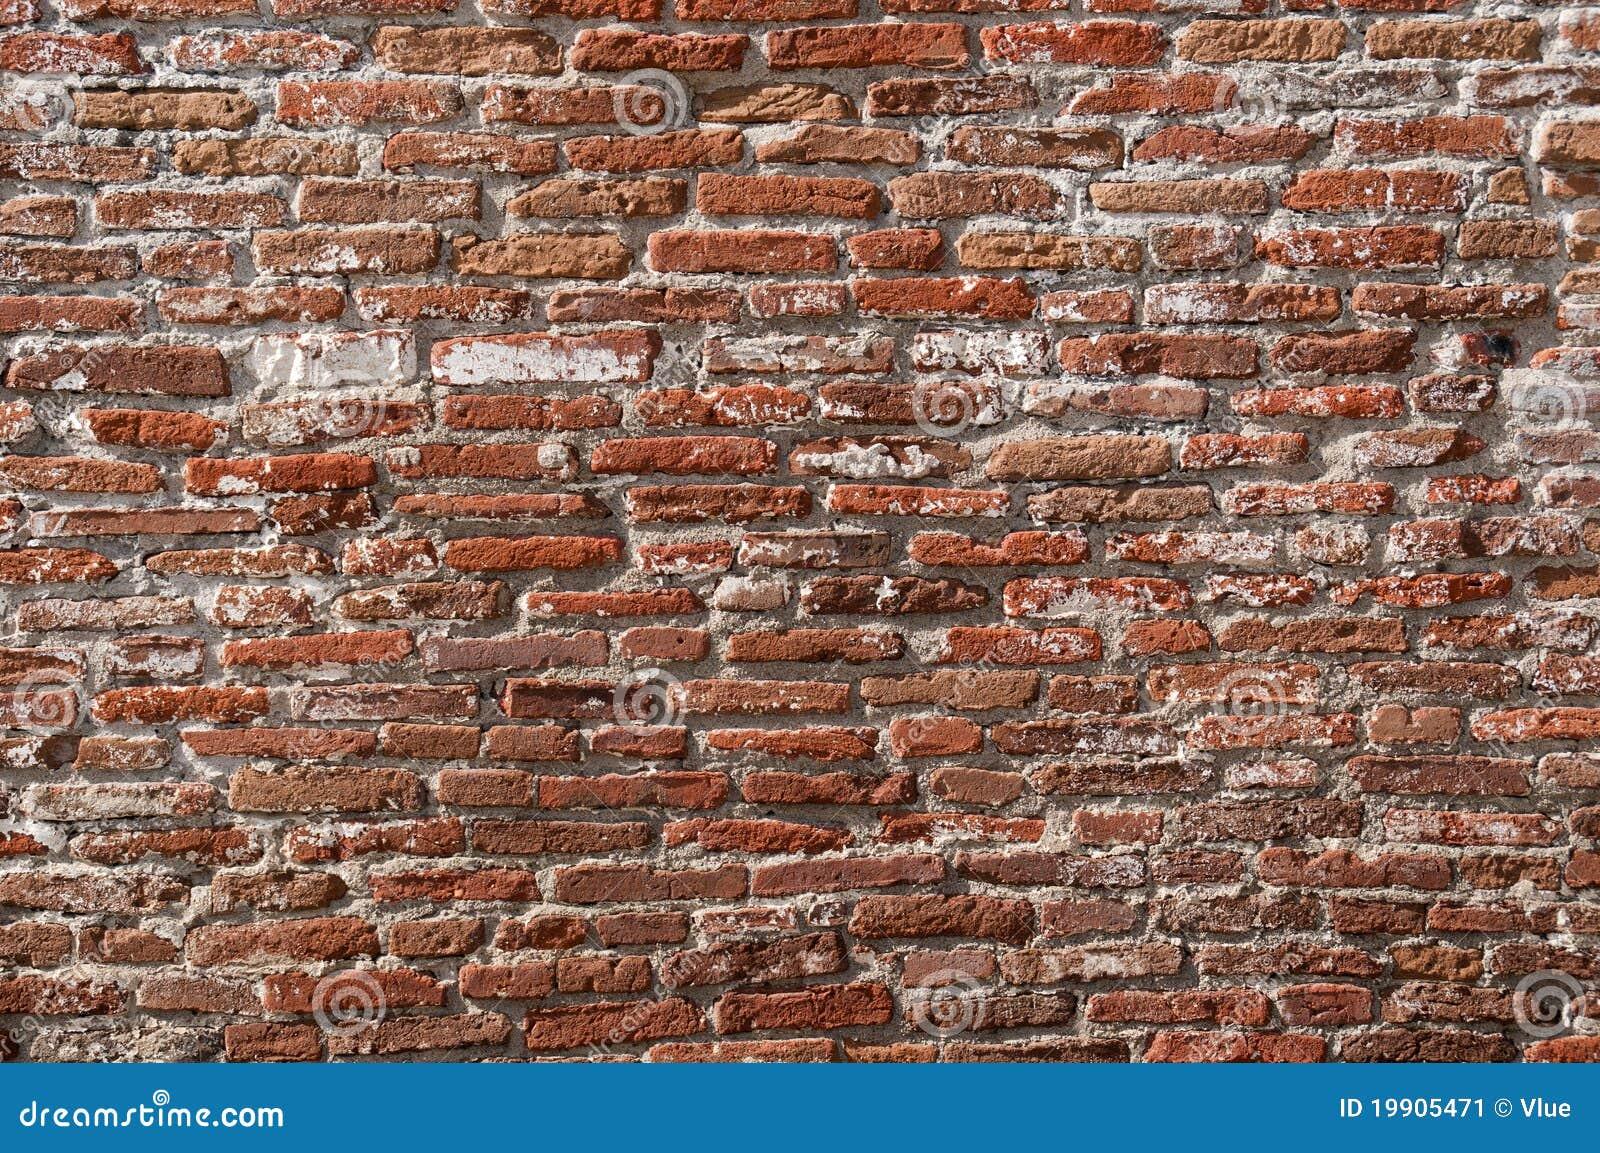 Old long narrow bricks